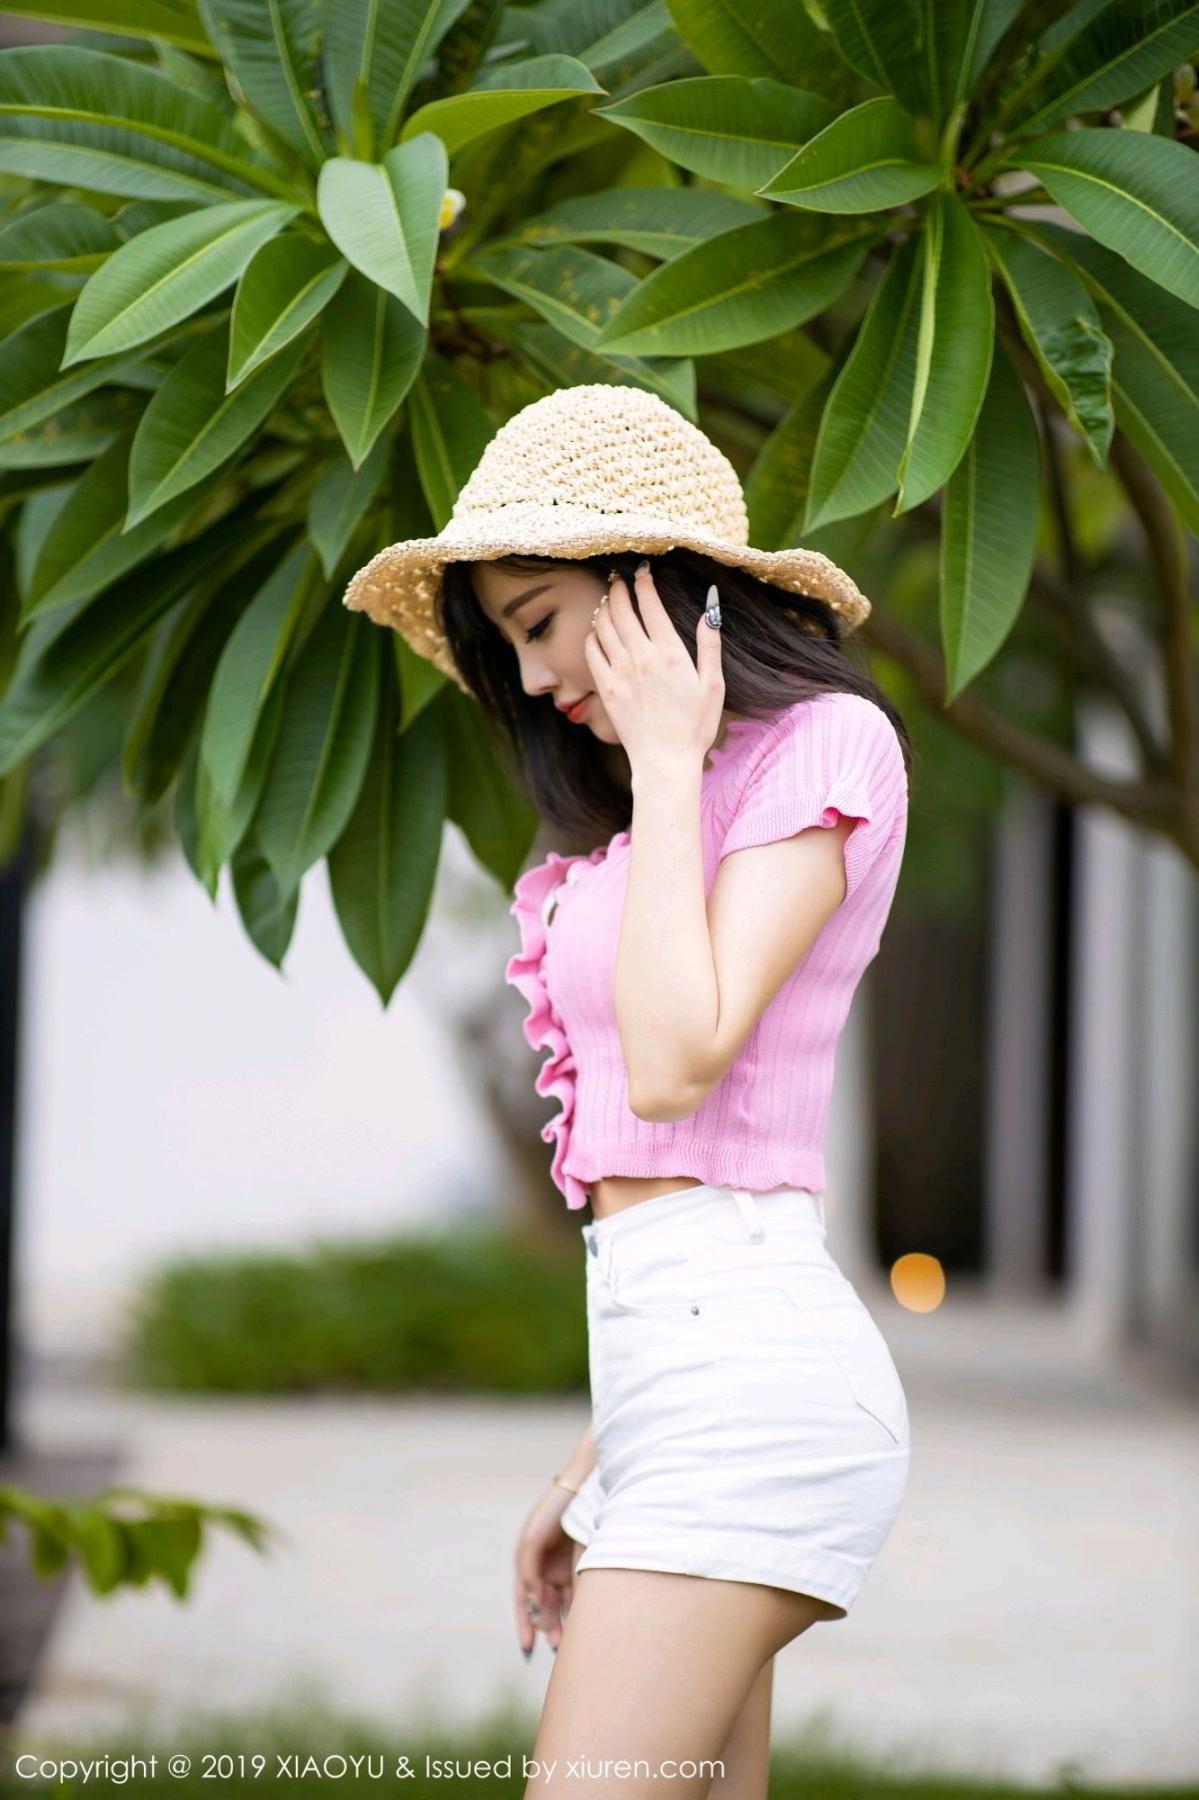 [XiaoYu] Vol.169 Yang Chen Chen 2P, Outdoor, Underwear, XiaoYu, Yang Chen Chen